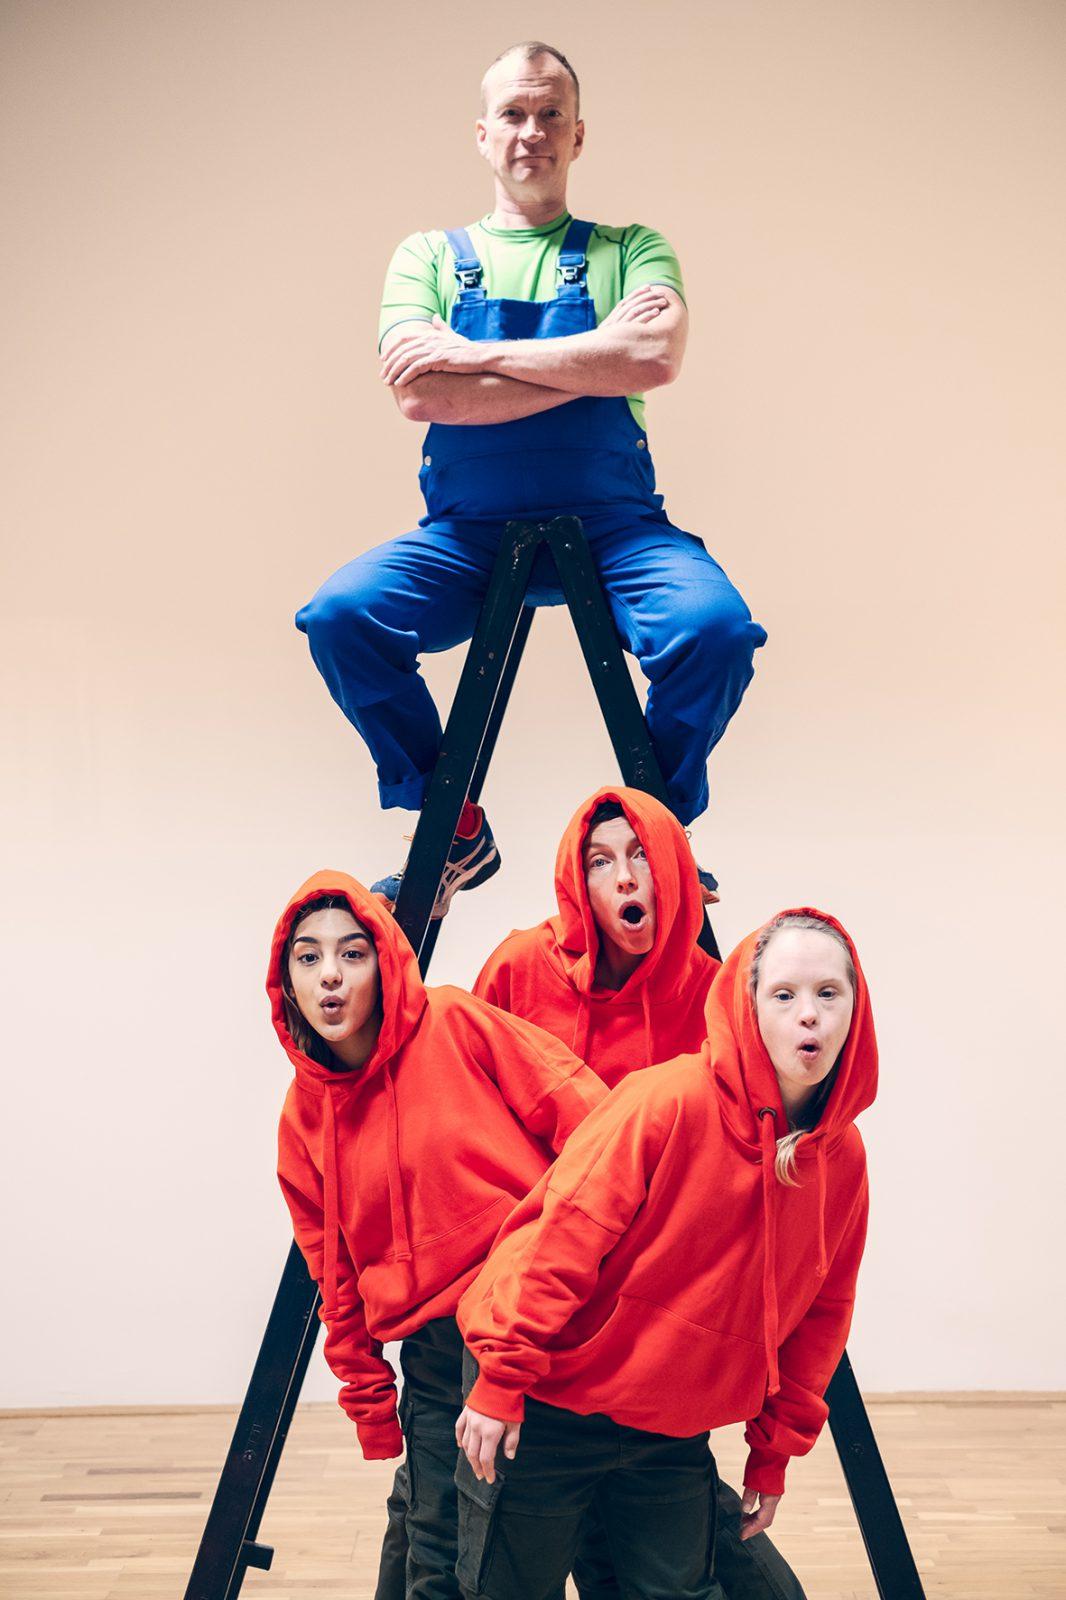 Mann auf einer Leiter, Tänzerinnen davor